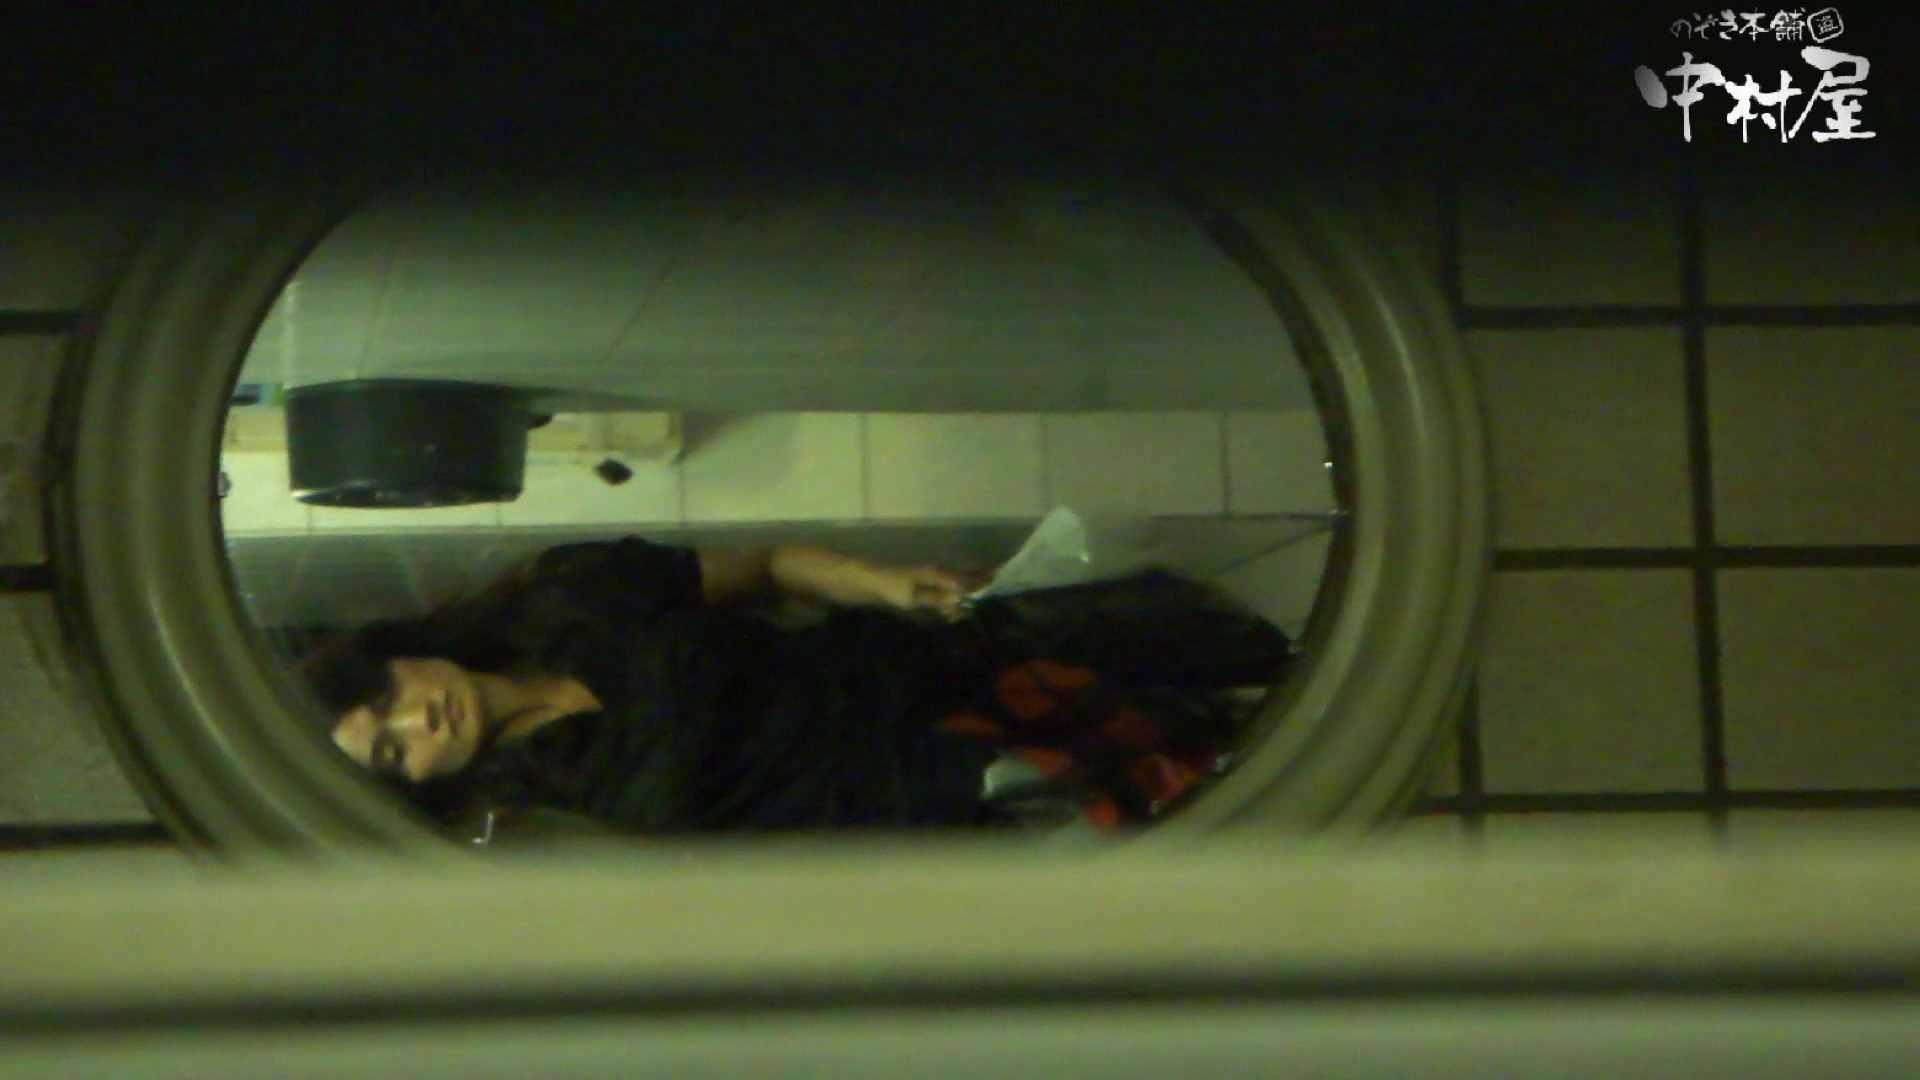 【美人が集まるファッションショッピングセンター洗面所盗SATU】ギャルのツルピカ潜入盗satu!Vol.09 OLのエロ生活 エロ画像 81連発 47